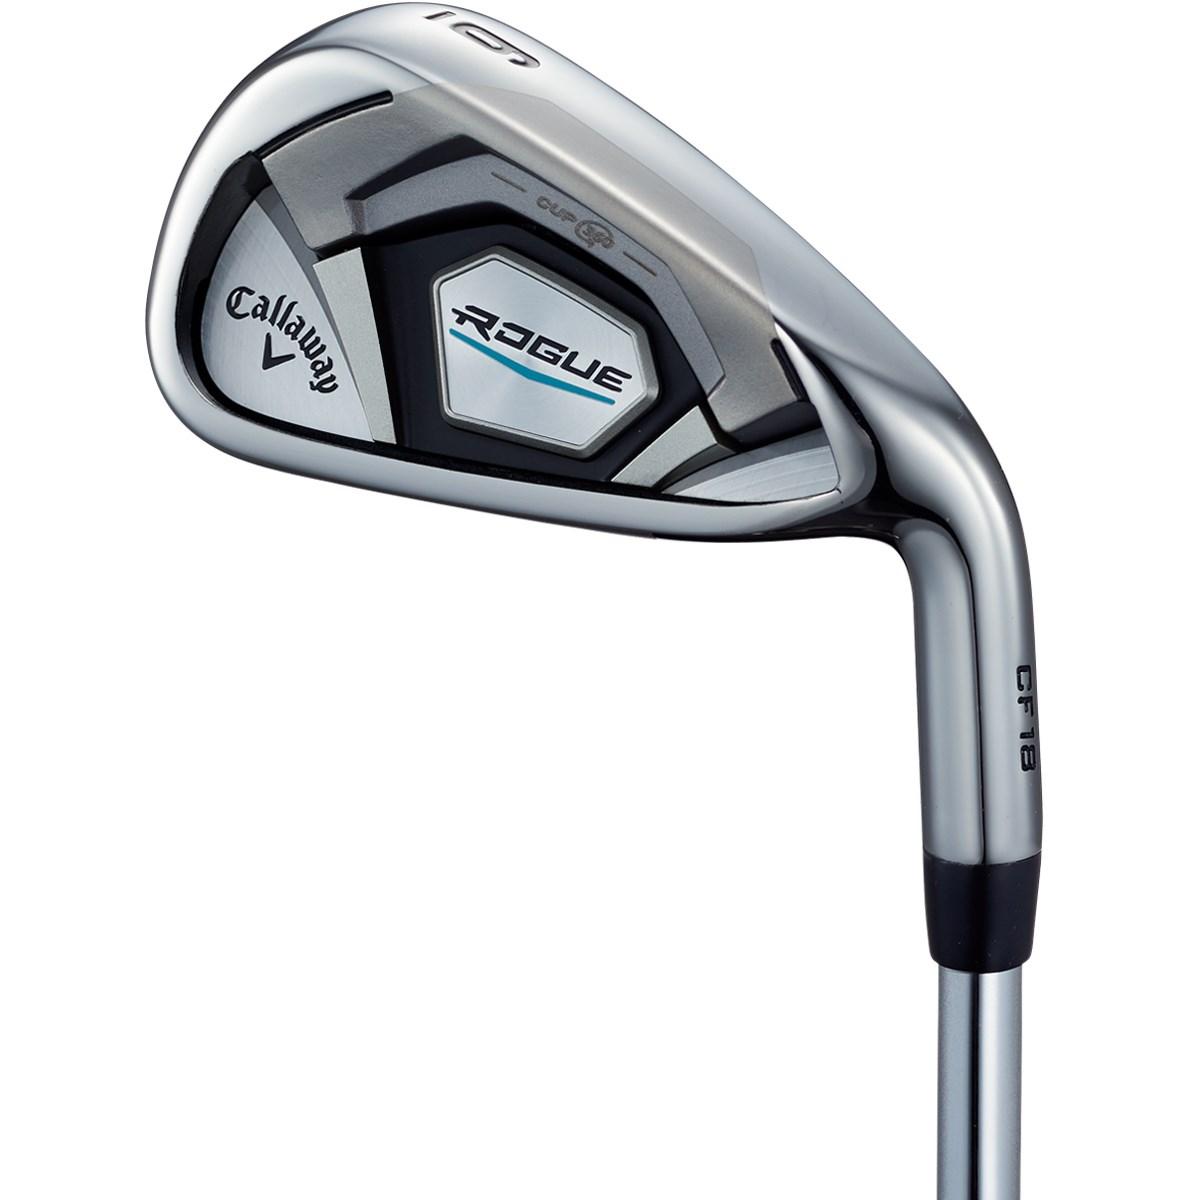 キャロウェイゴルフ(Callaway Golf) ローグ アイアン(6本セット) N.S.PRO 950GH